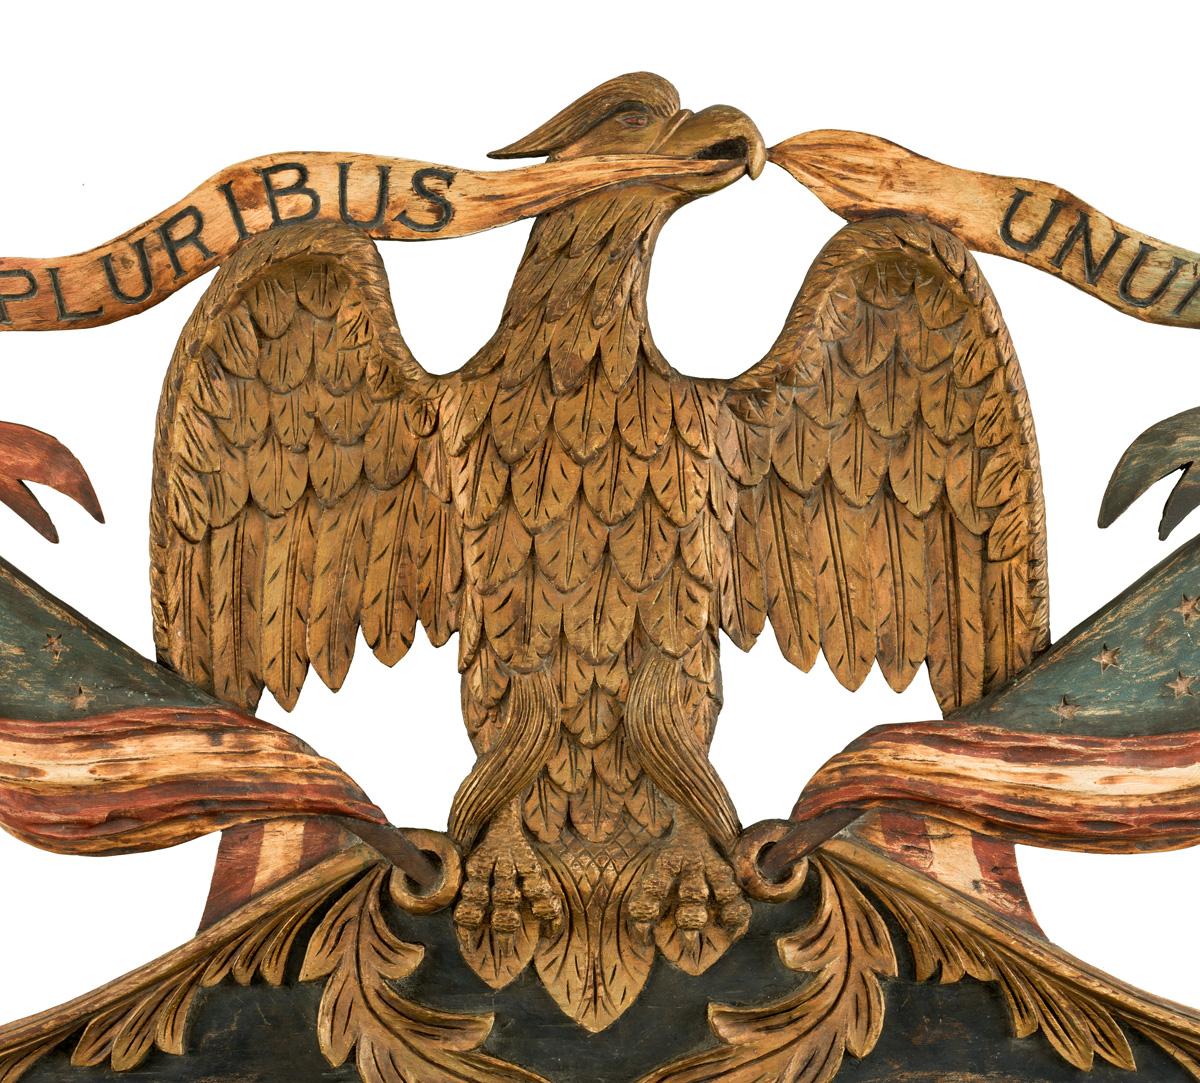 Eagle statuette, around 1850